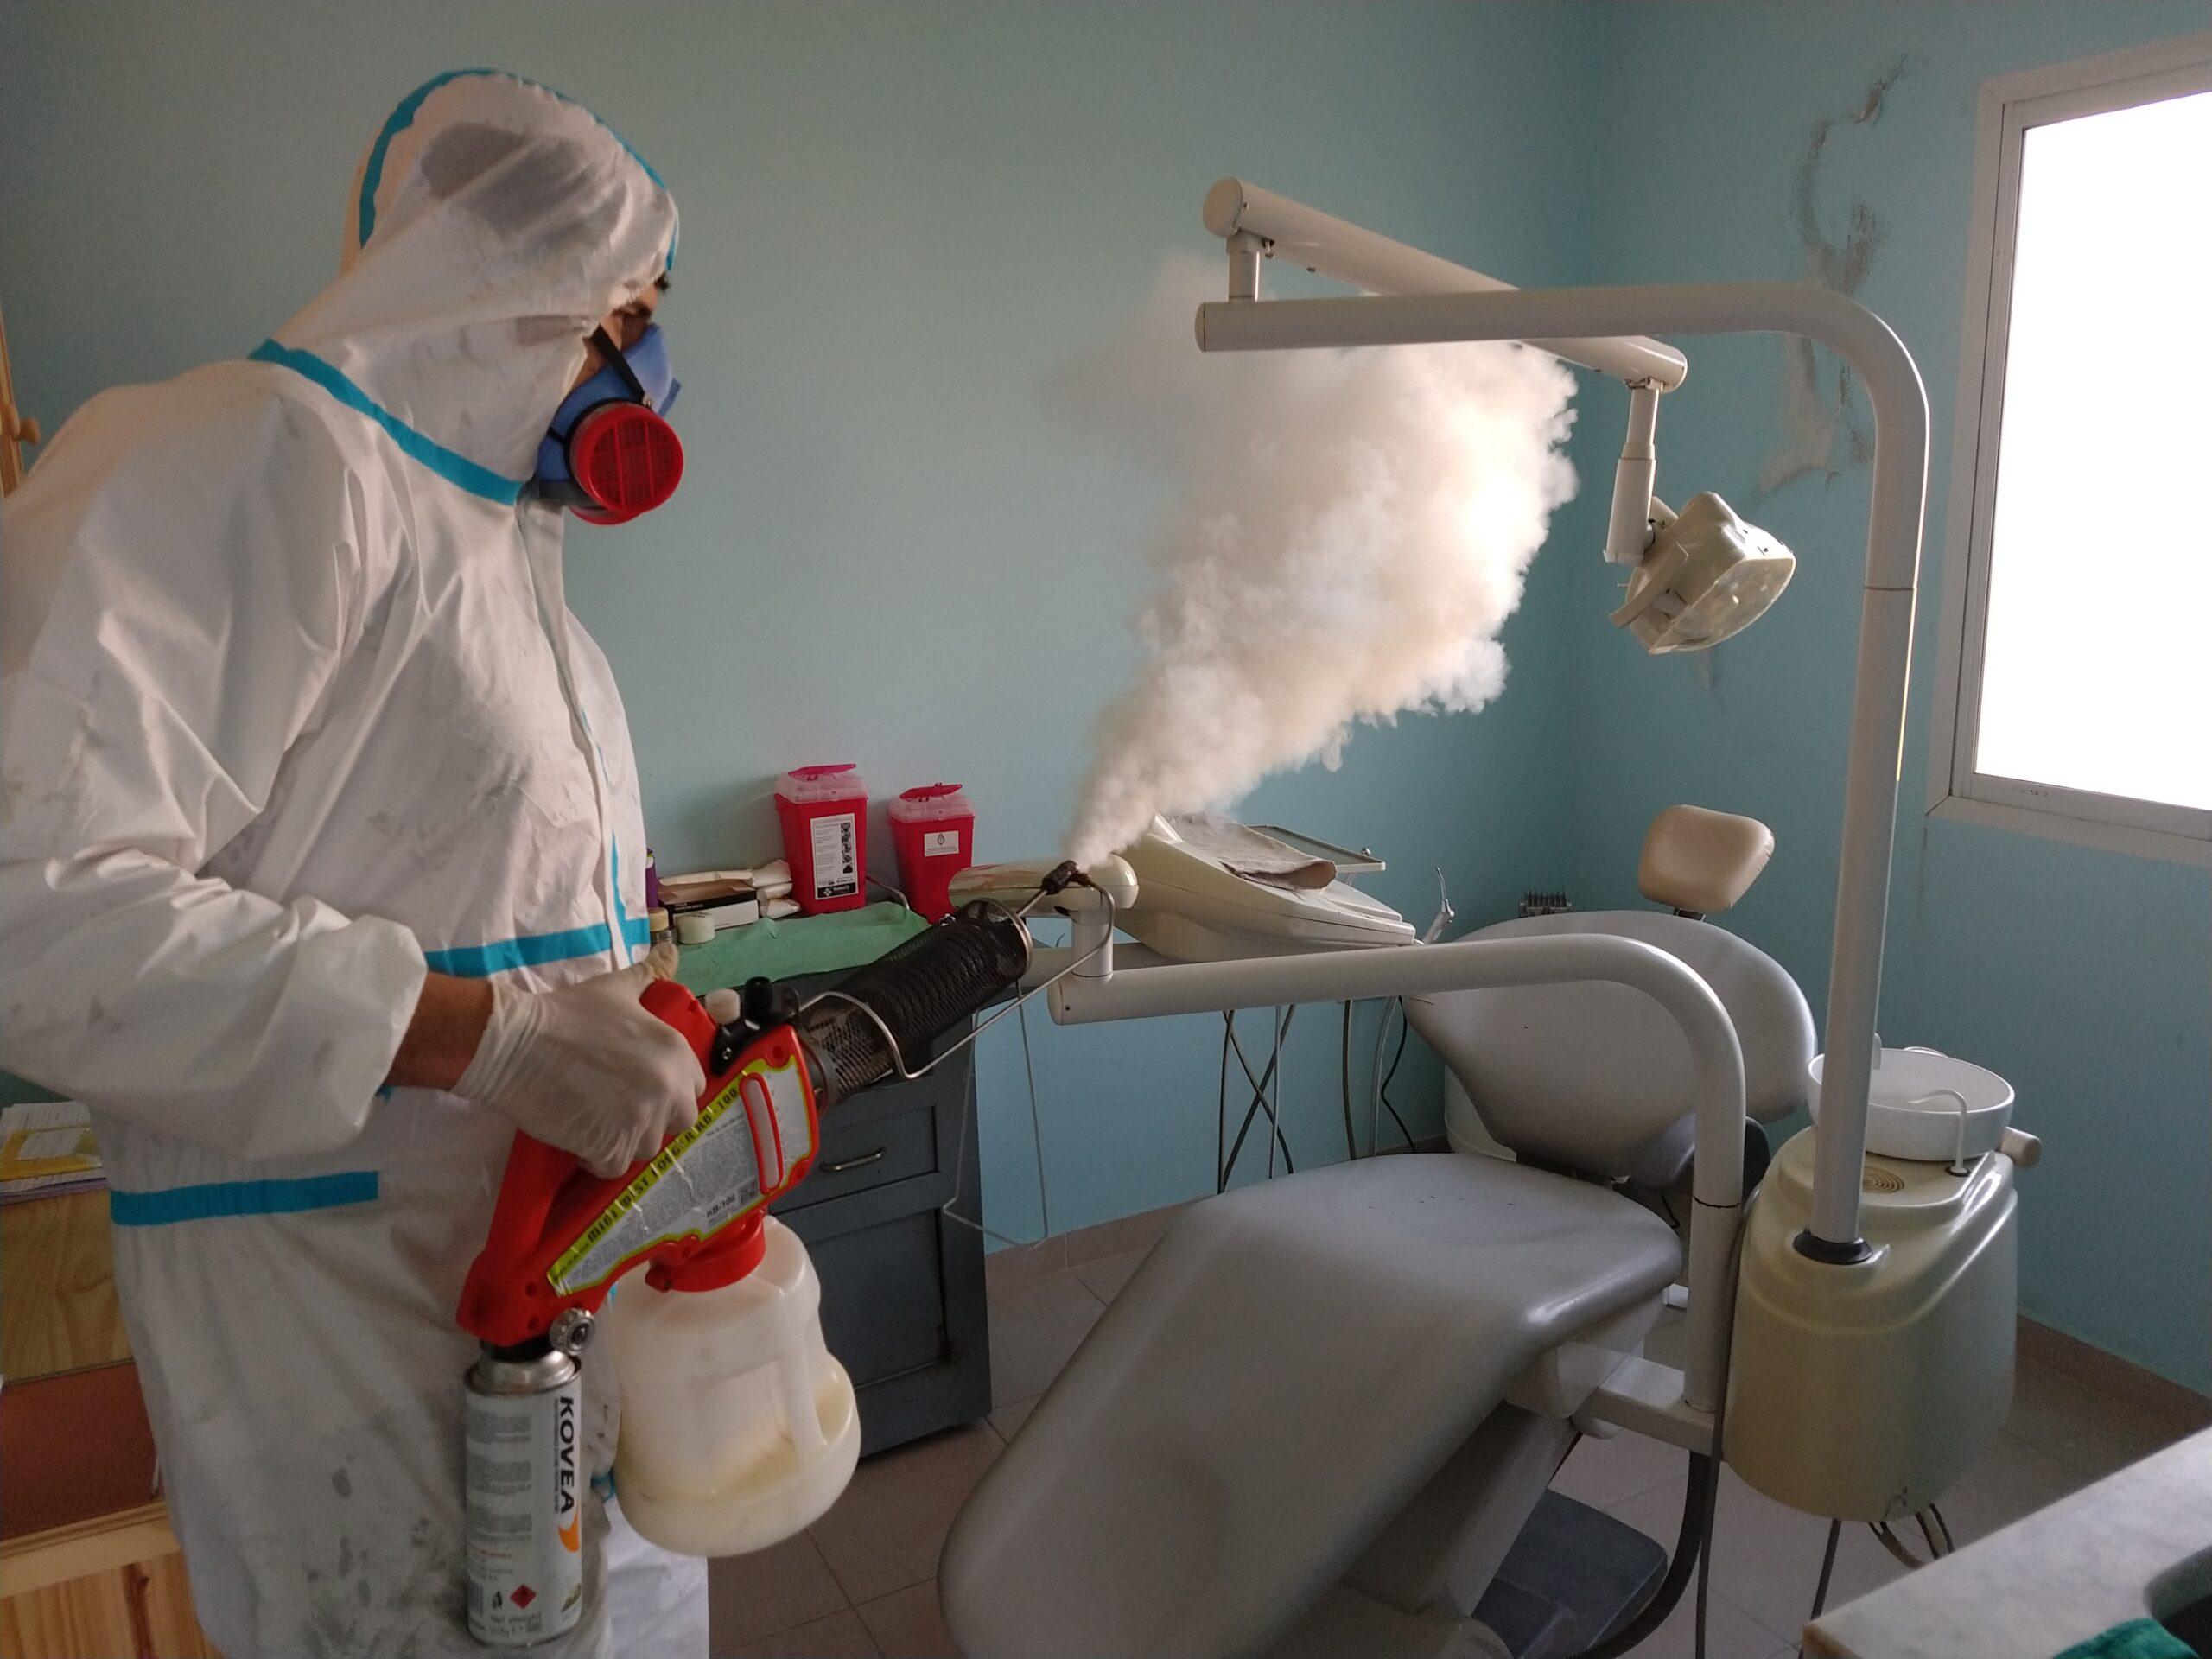 Tras detectarse un caso positivo de covid-19, se llevó a cabo la sanitización del CAPS Unión